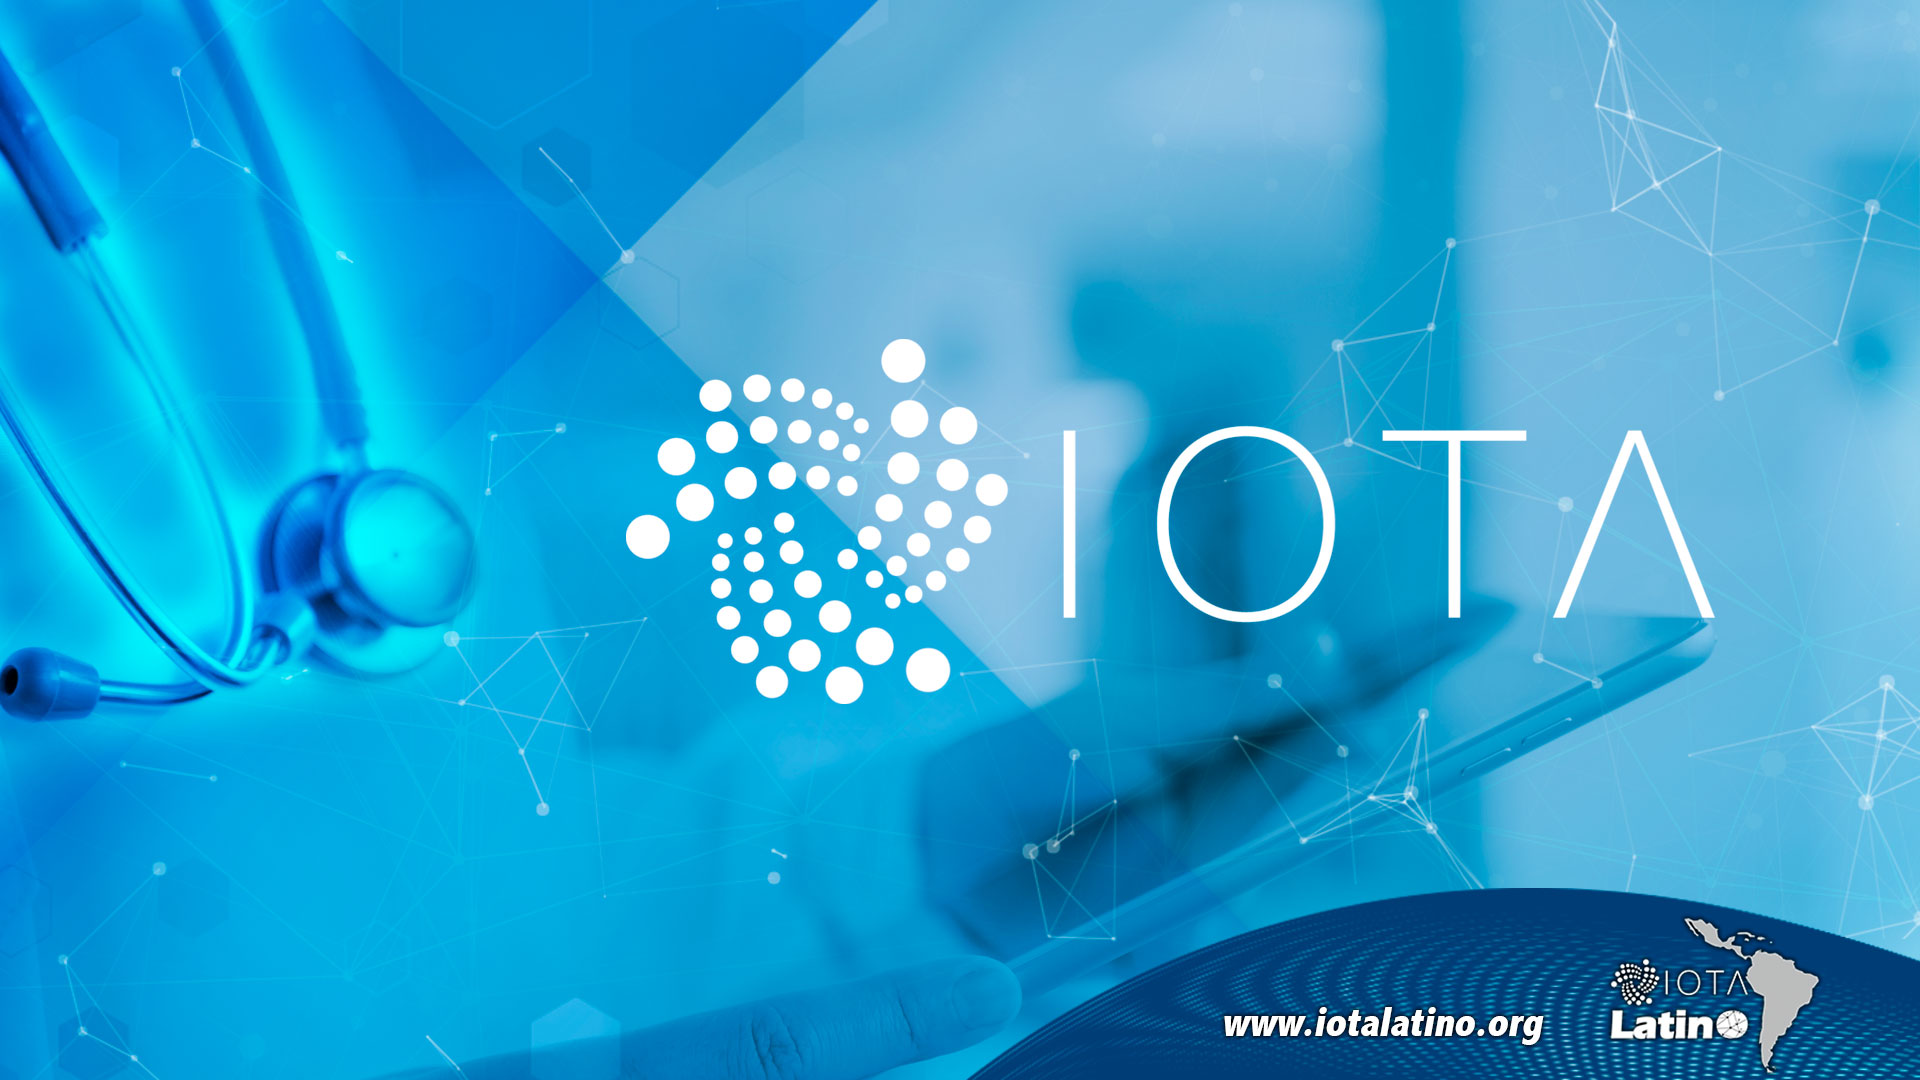 iota latino - IOTA-Meetup-eHealth-IOTA